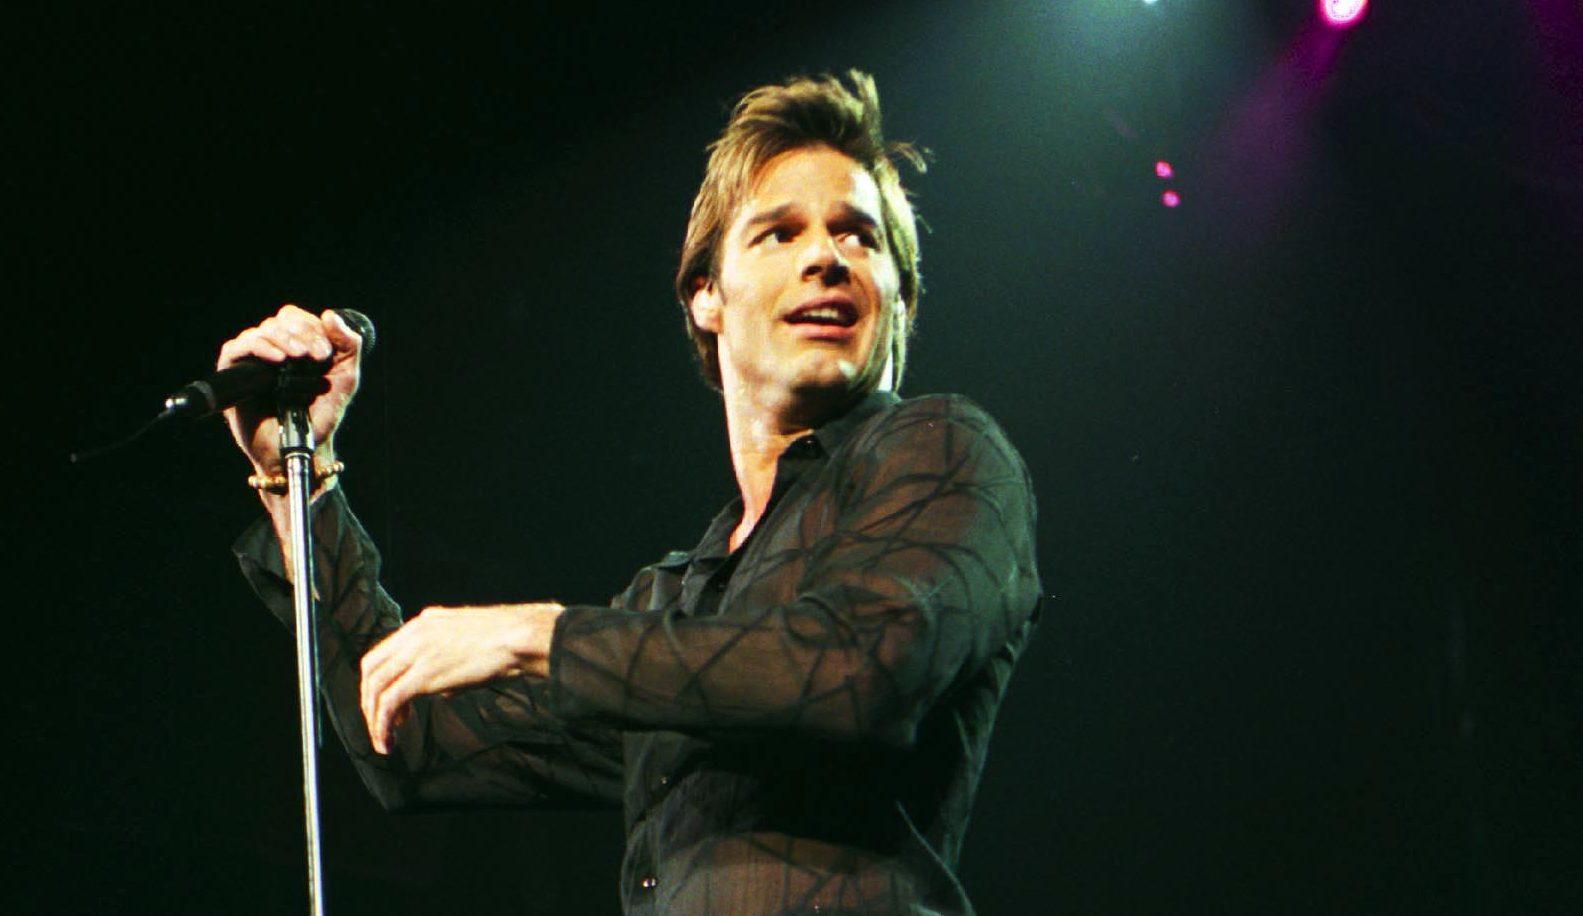 ricky martin en concierto en 2000